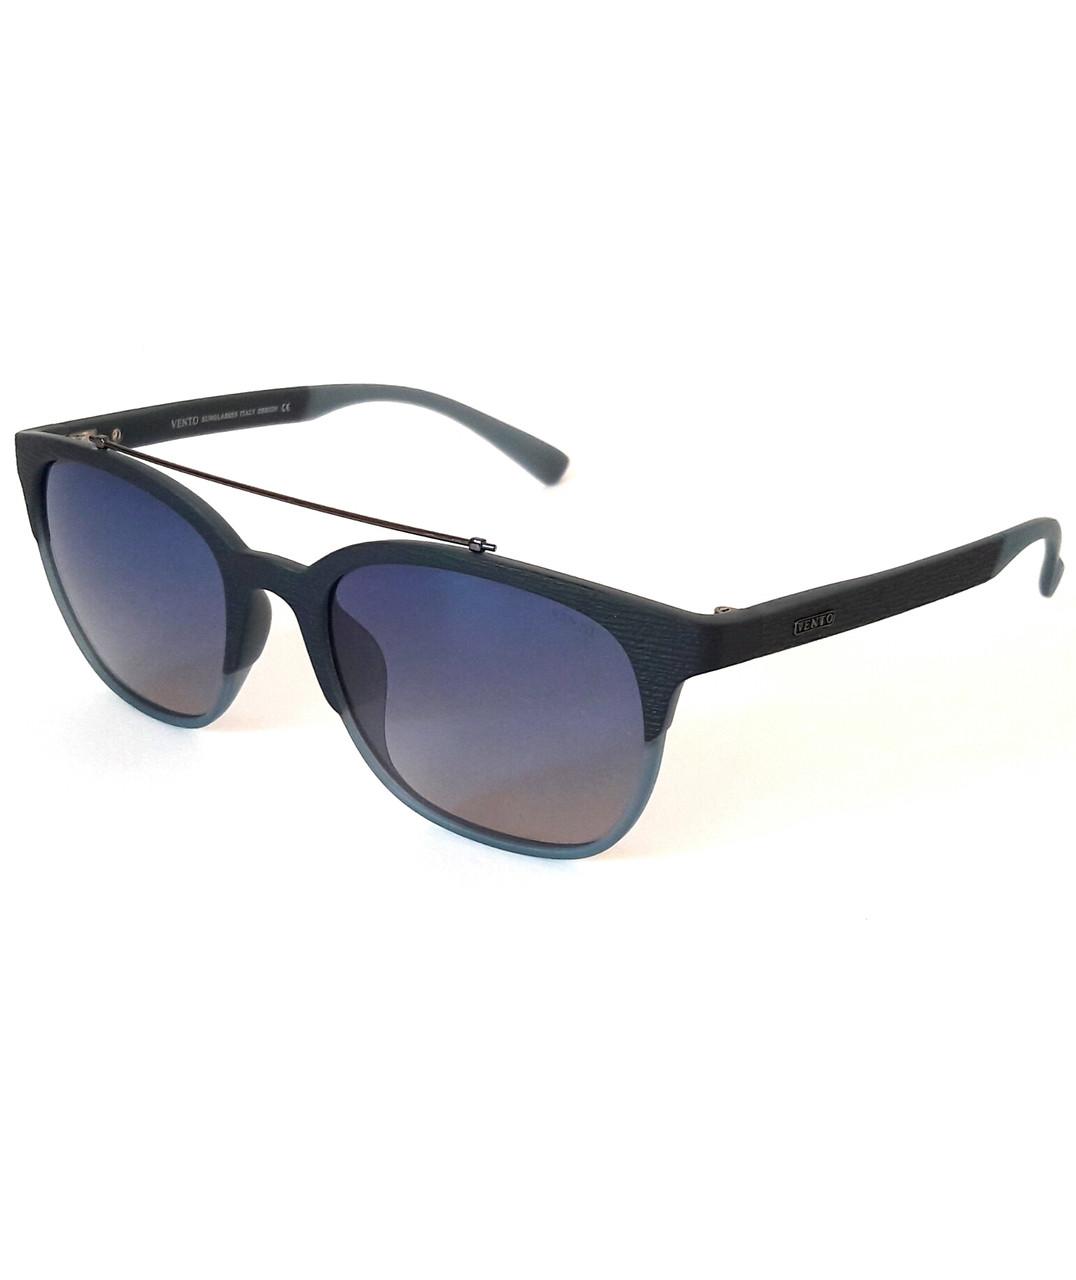 Солнцезащитные очки с поляризацией, тёмно-синие, унисекс, Vento